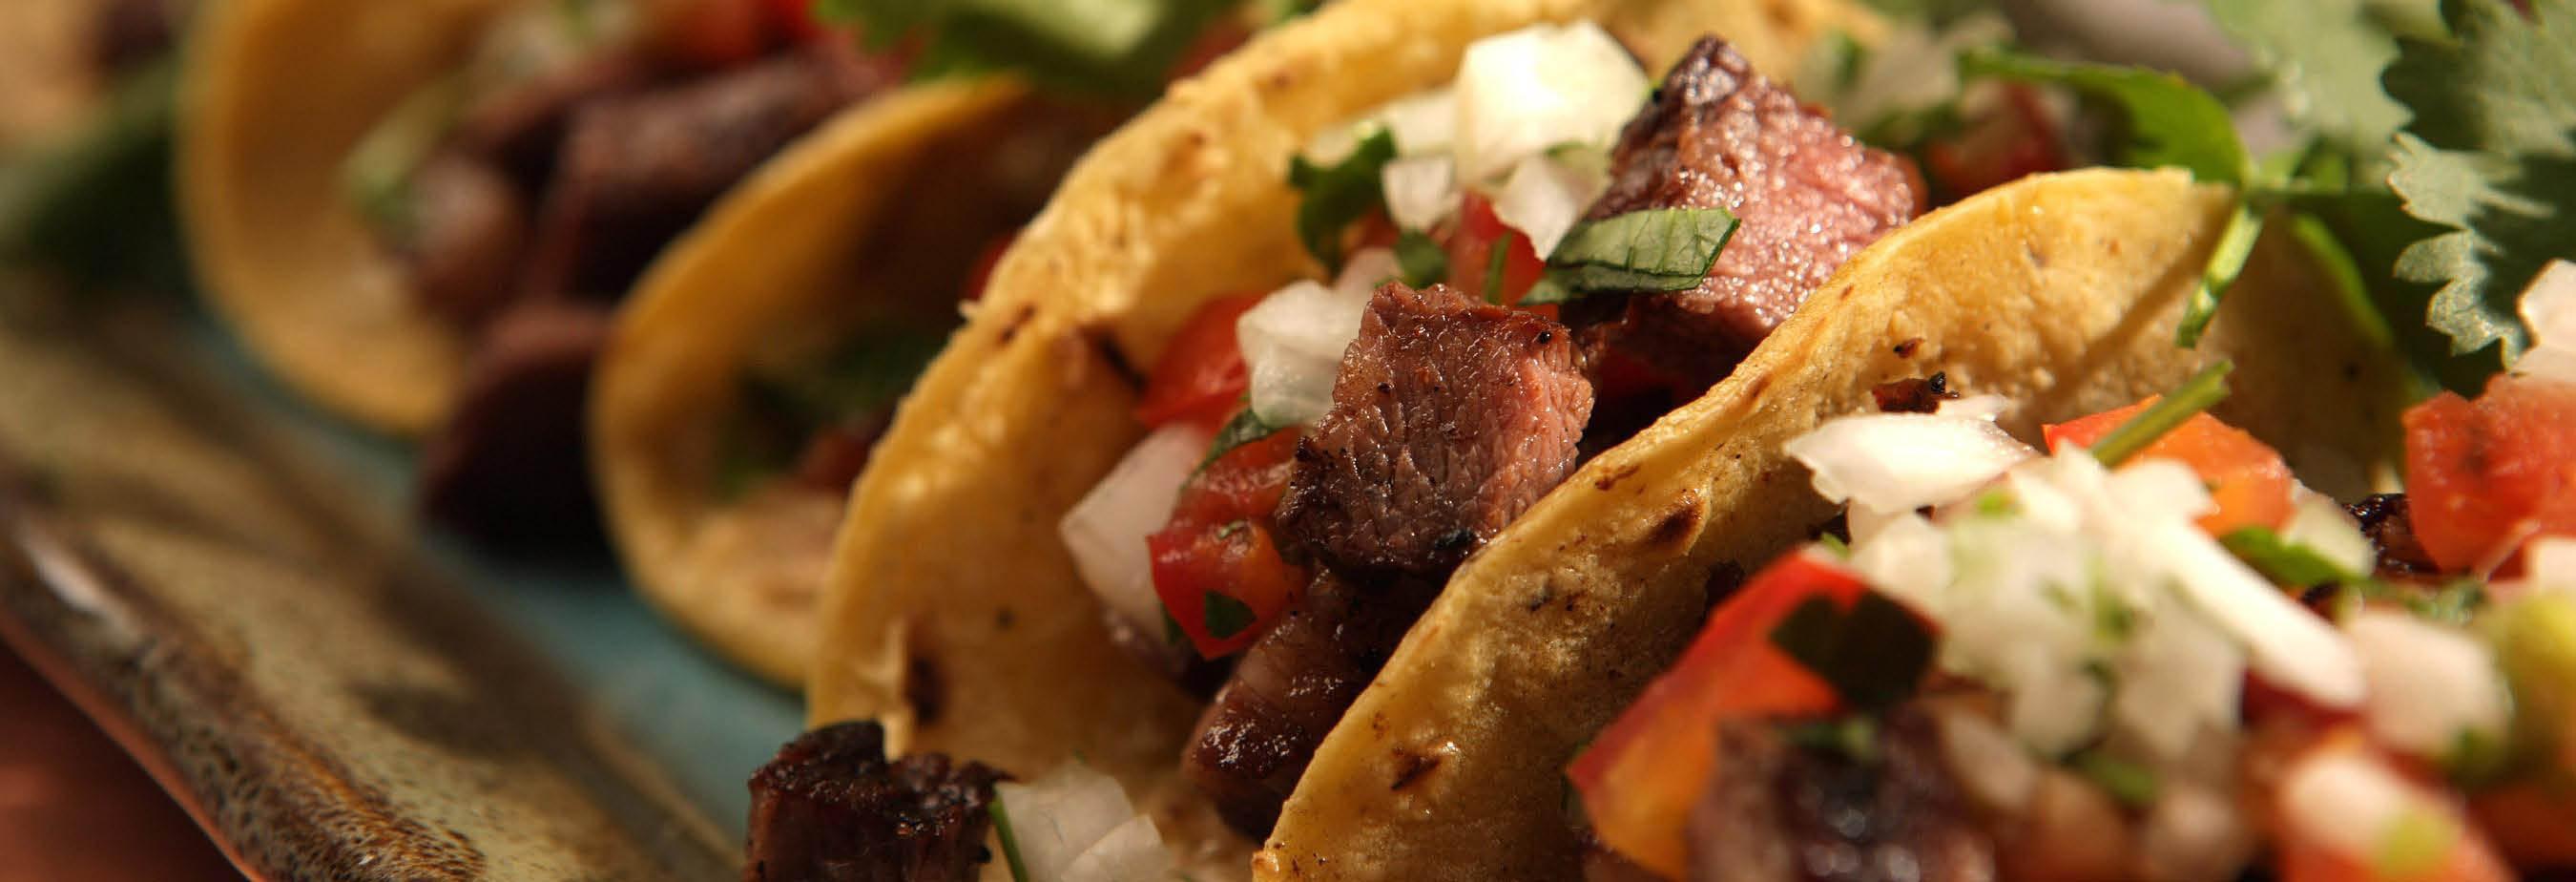 Arturo's Mexican Restaurant in Wheeling, IL Banner Ad